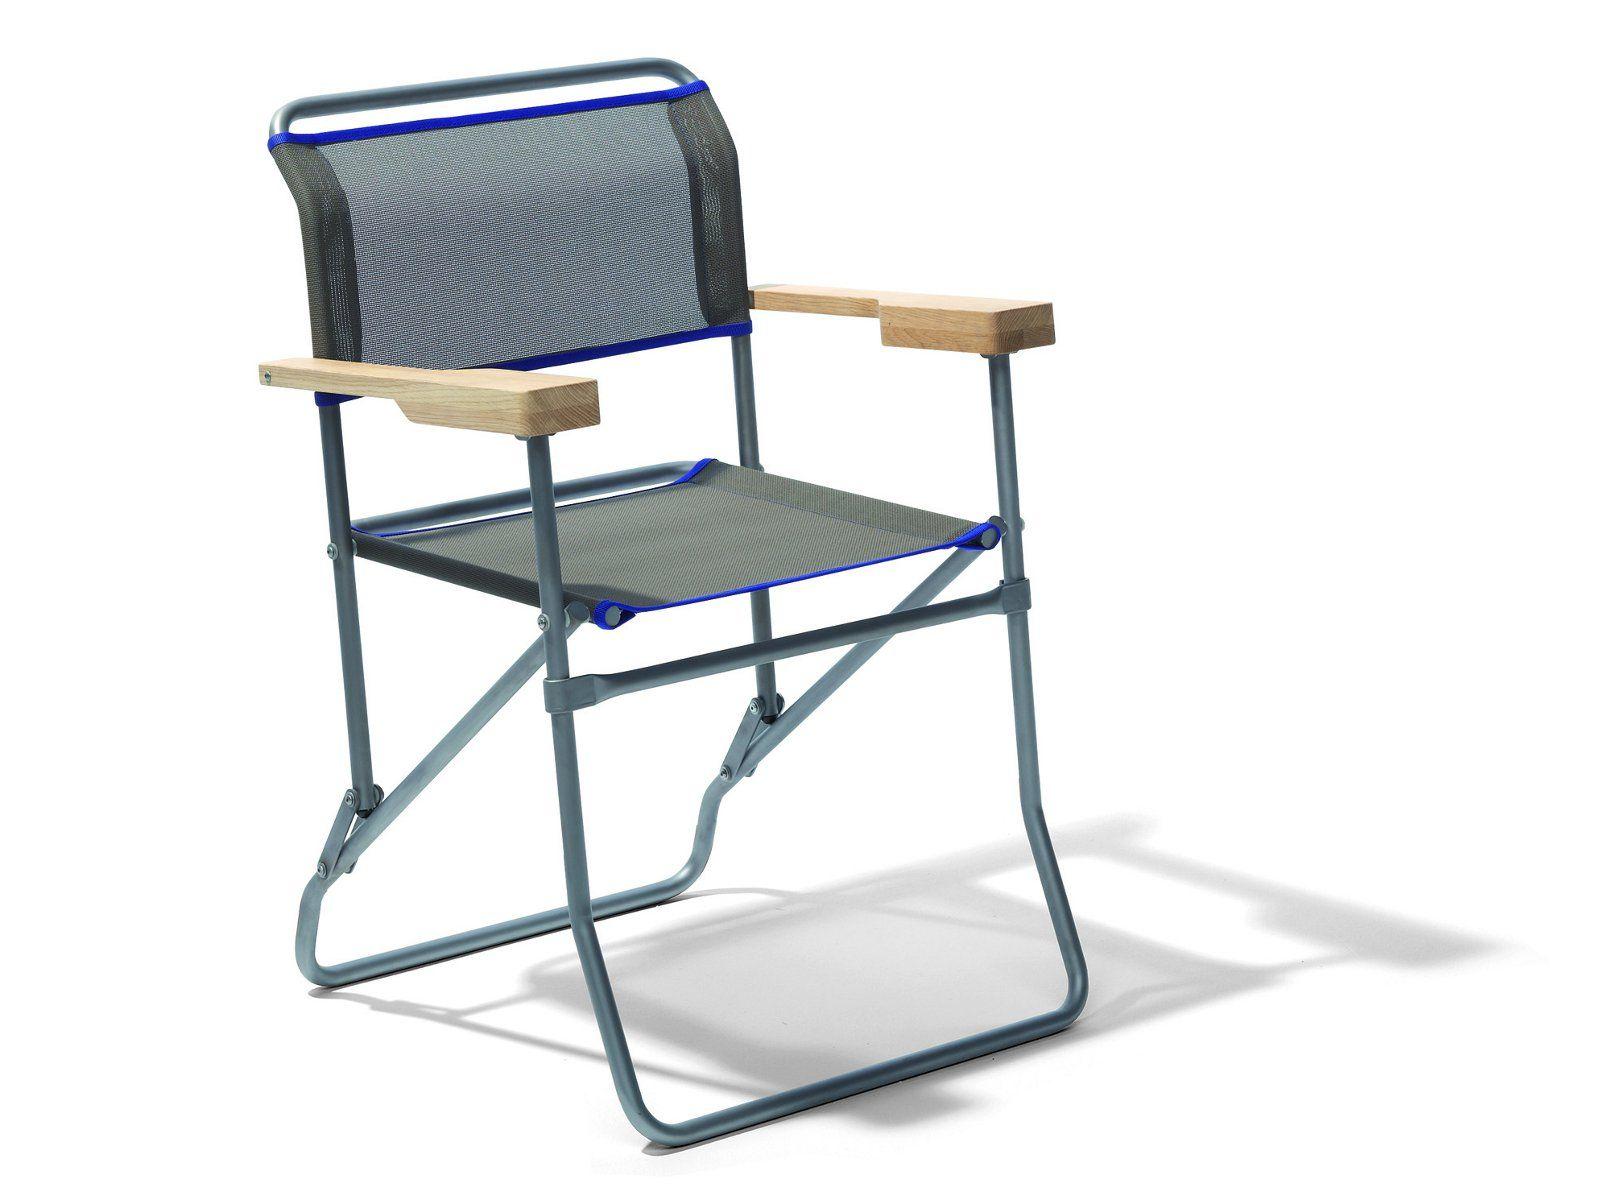 Chaise de jardin pliable avec accoudoirs - Chaise d exterieur pas cher ...